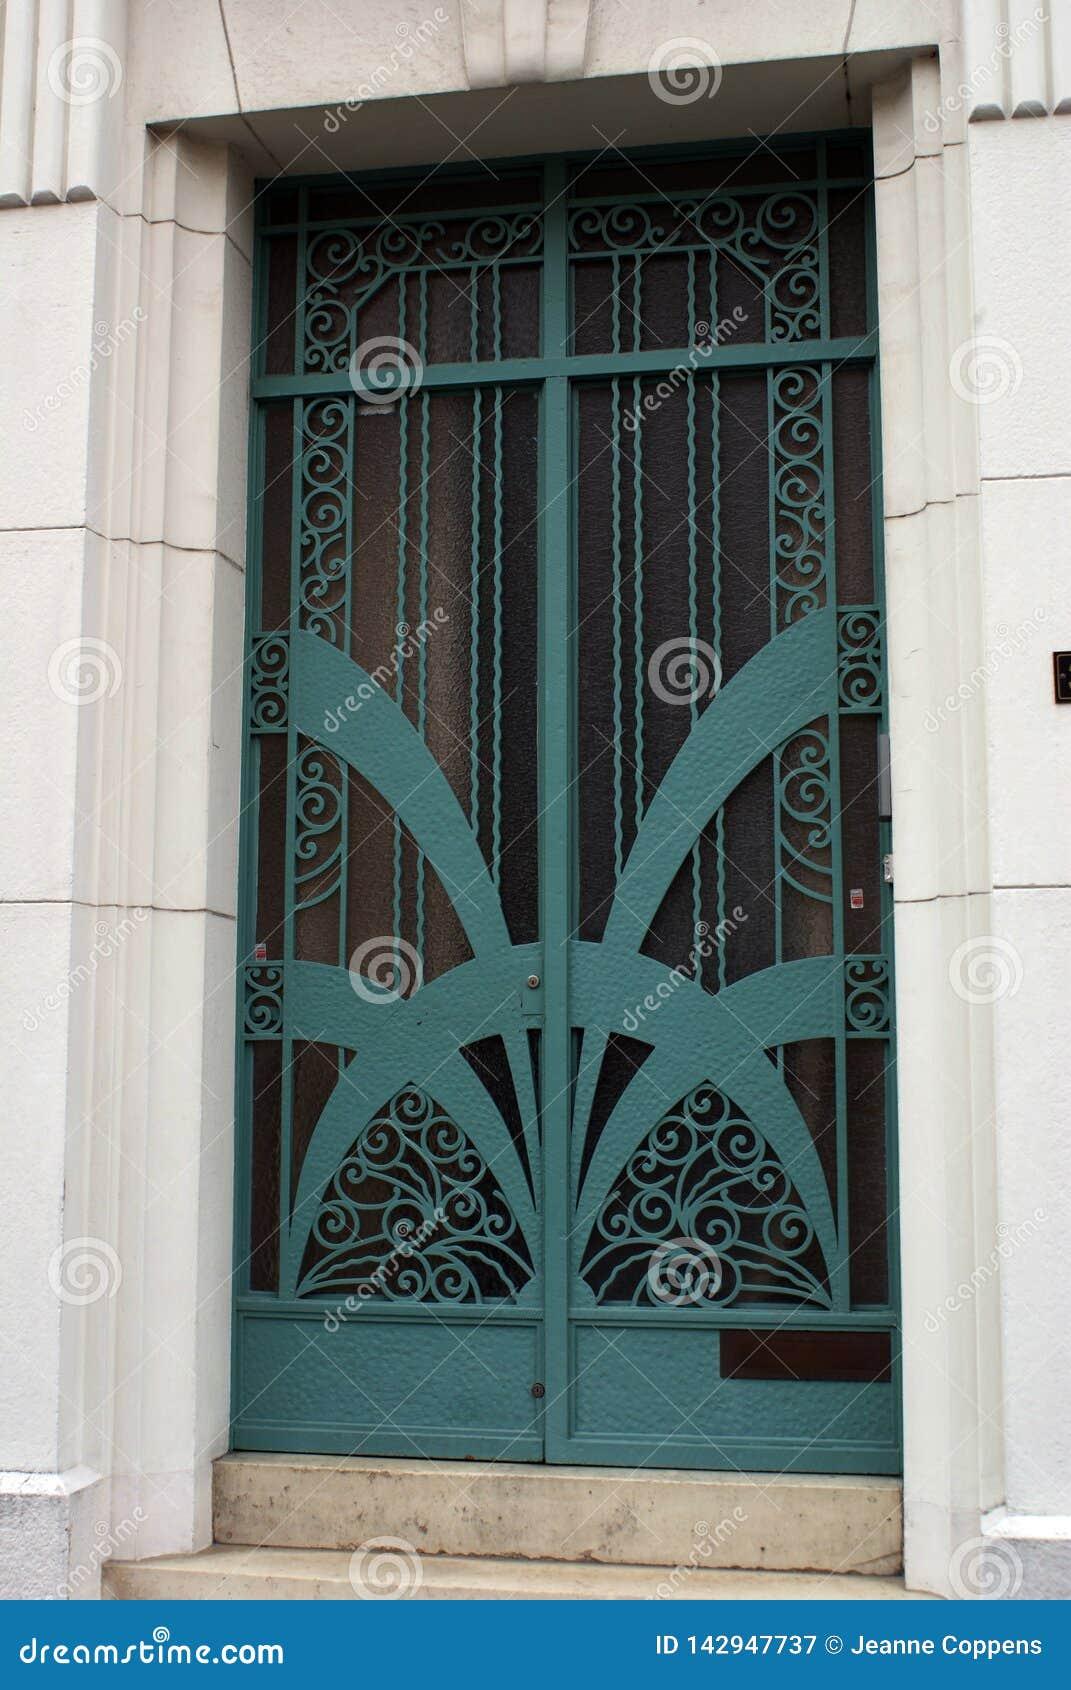 Détail architectural, vieille porte fleurie, style d art déco